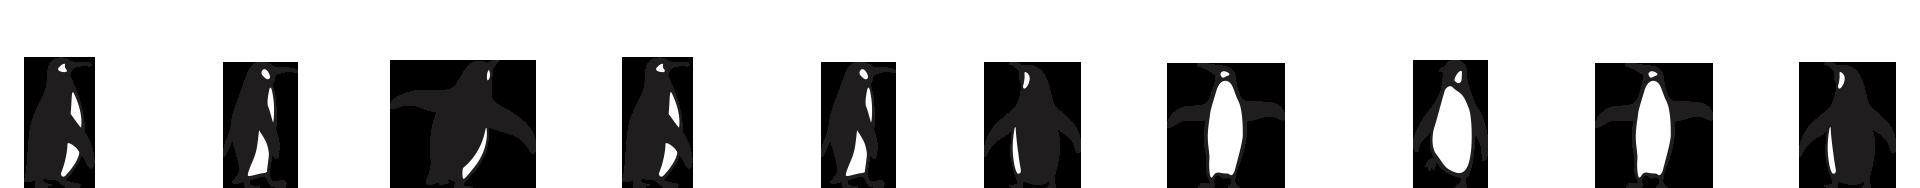 penguins footer image